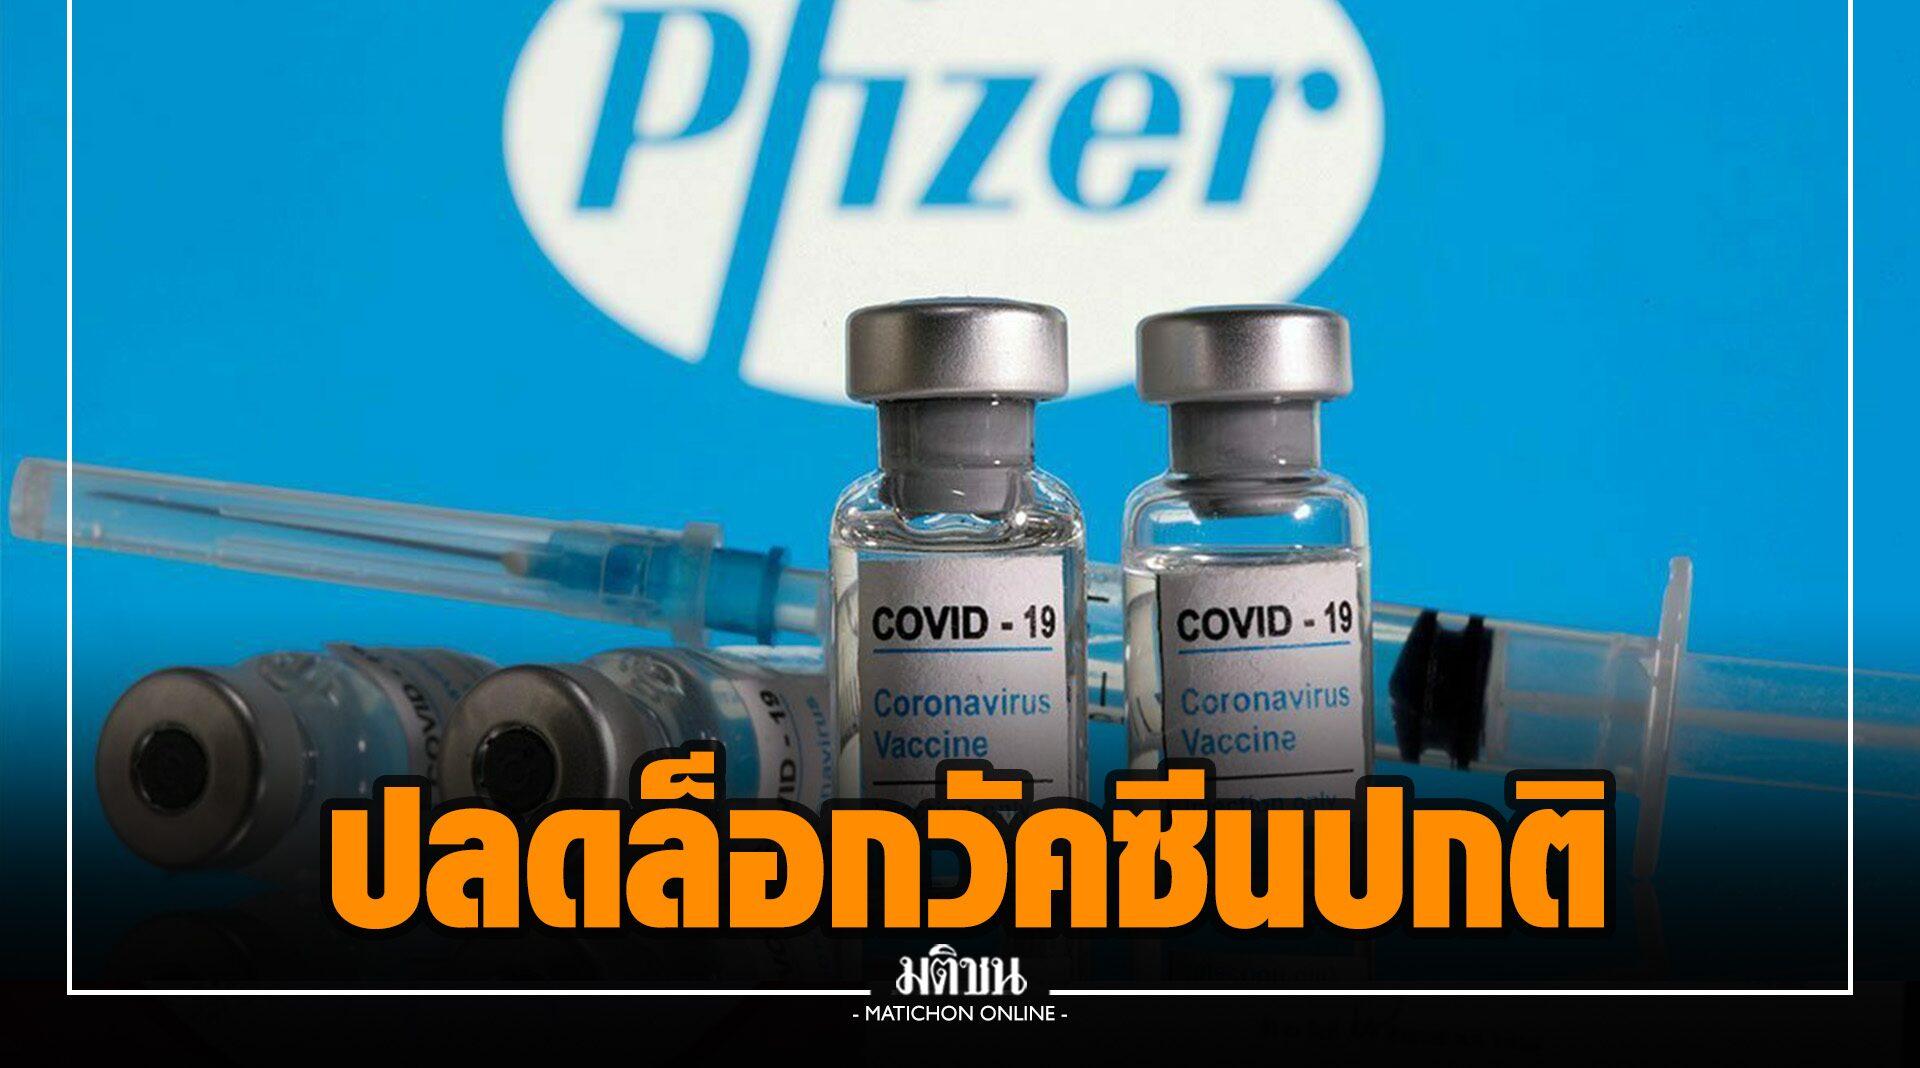 ปลดล็อก 'ไฟเซอร์' วัคซีนปกติ เอกชนสั่งซื้อเองได้ไม่ผ่านรัฐ อย.แนะเร่งขึ้นทะเบียนใหม่